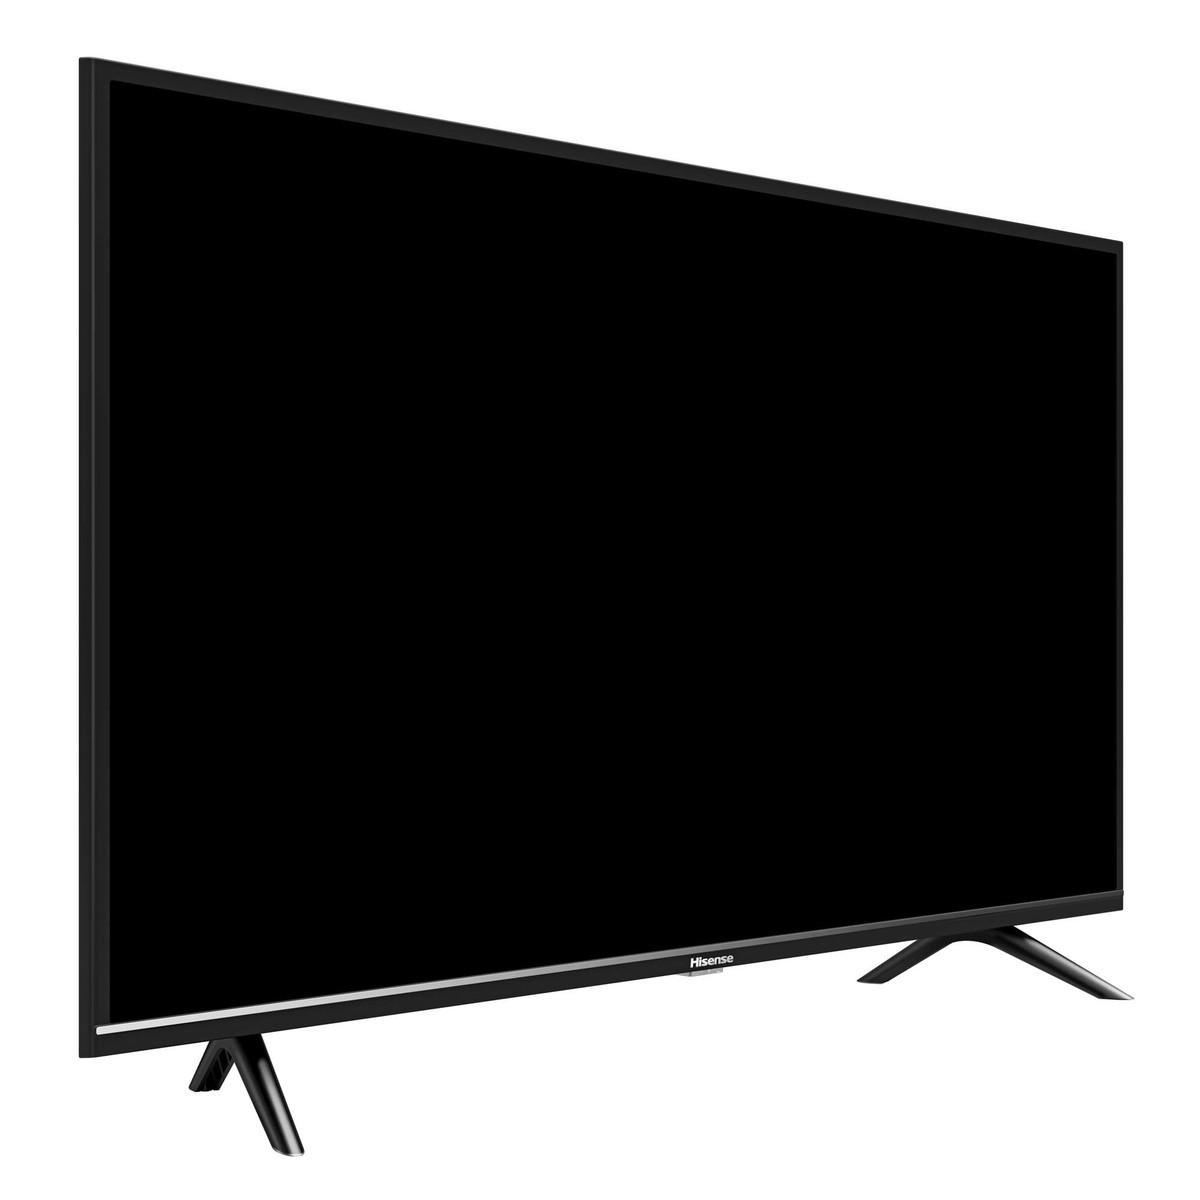 Buy Hisense Full HD Smart LED TV 43B6000PW 43